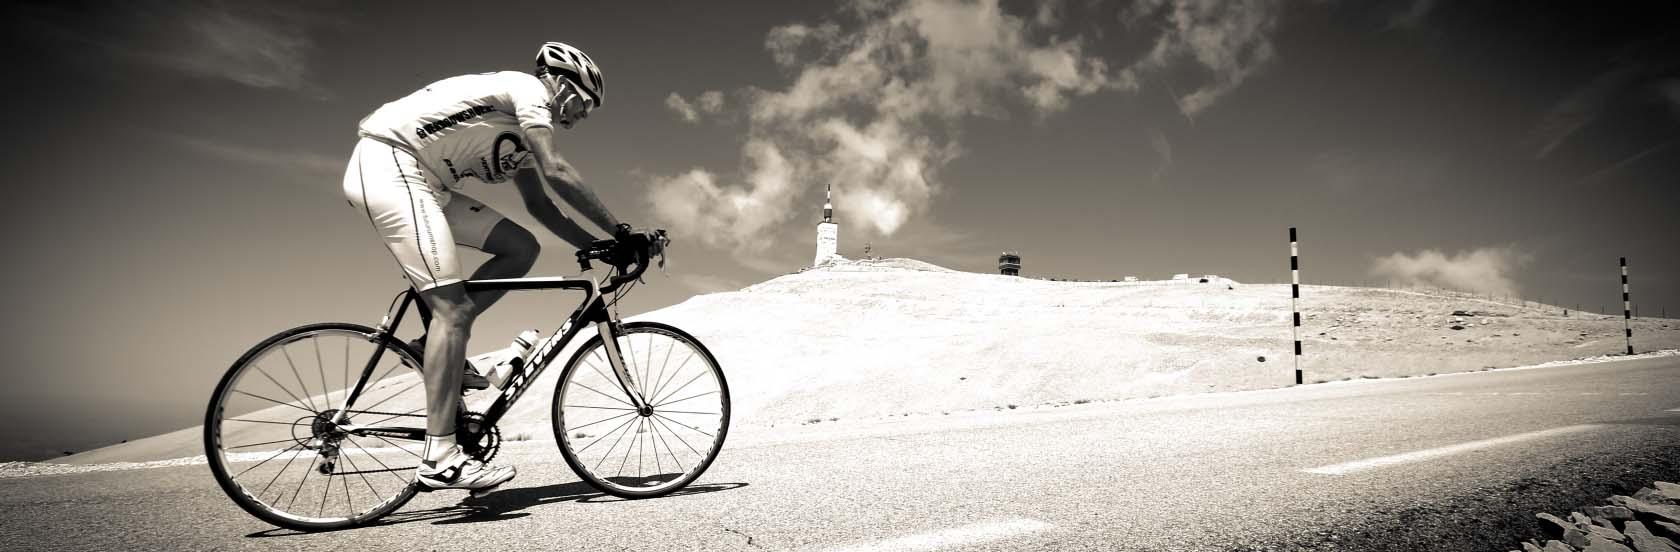 supersportevents_wielrennenbergop